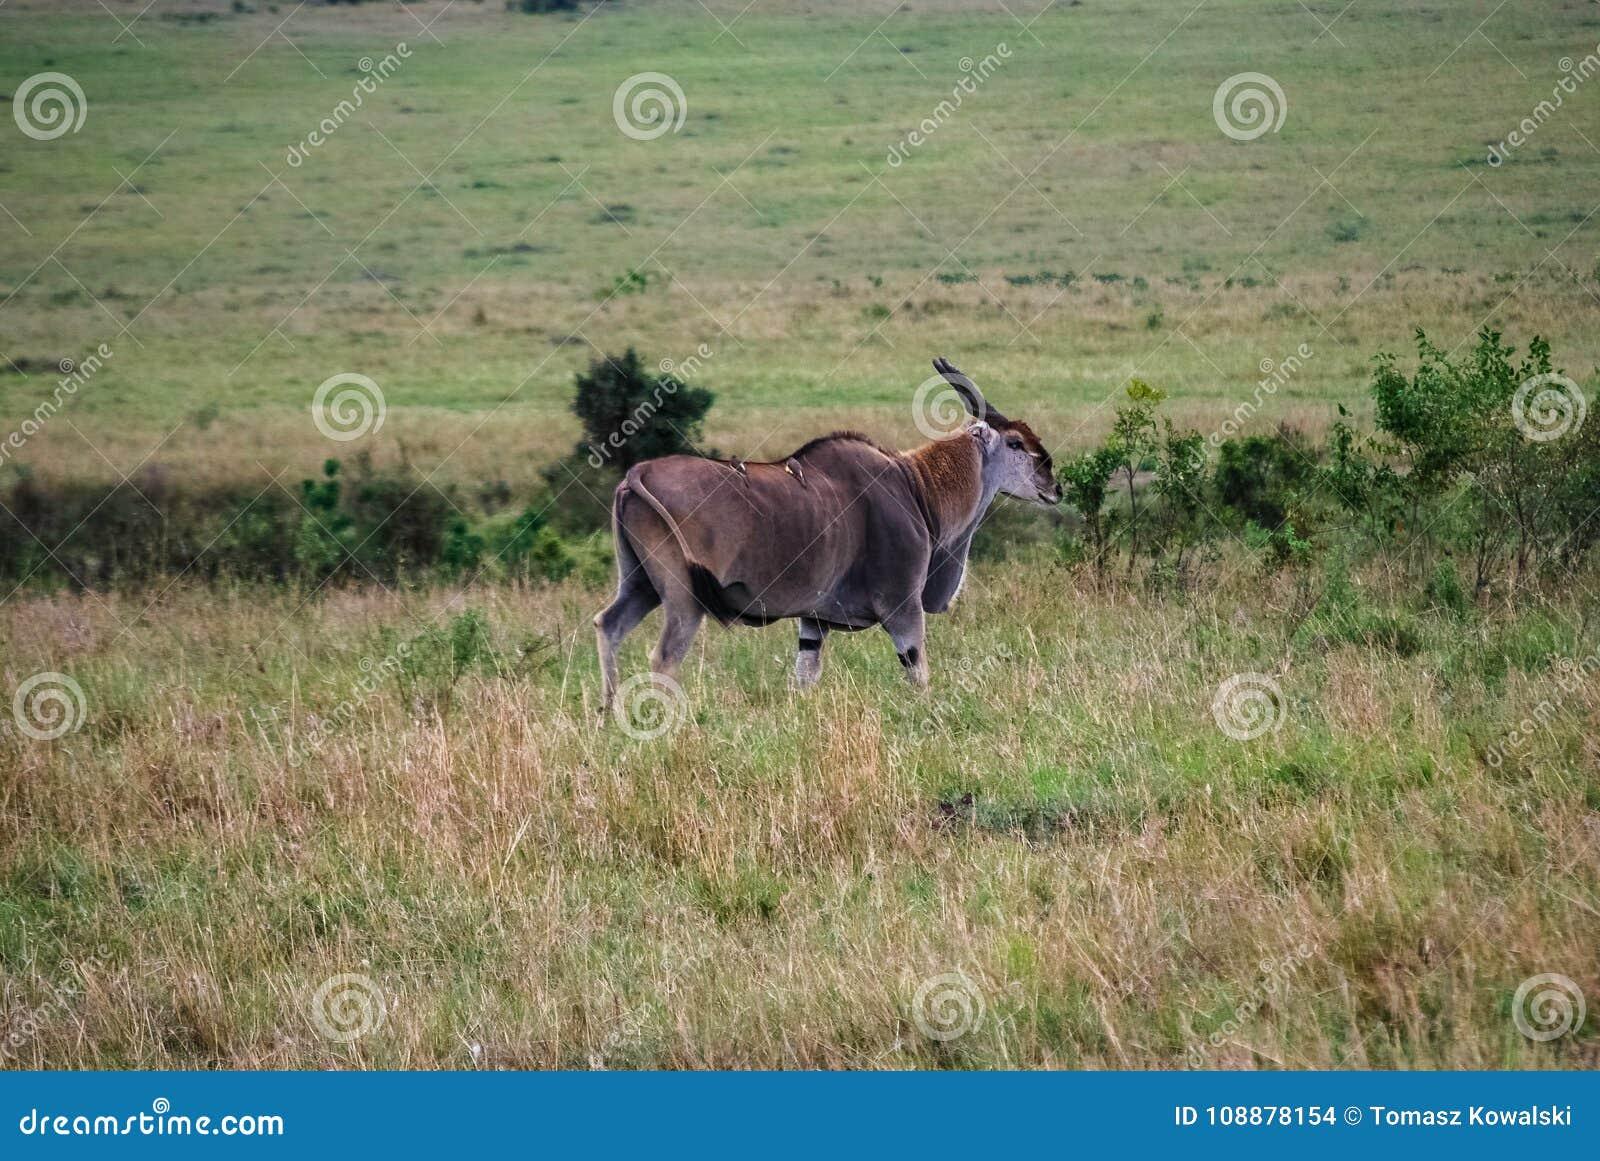 Ταυρότραγος στην εθνική επιφύλαξη Maasai Mara, εθνικό πάρκο Κένυα